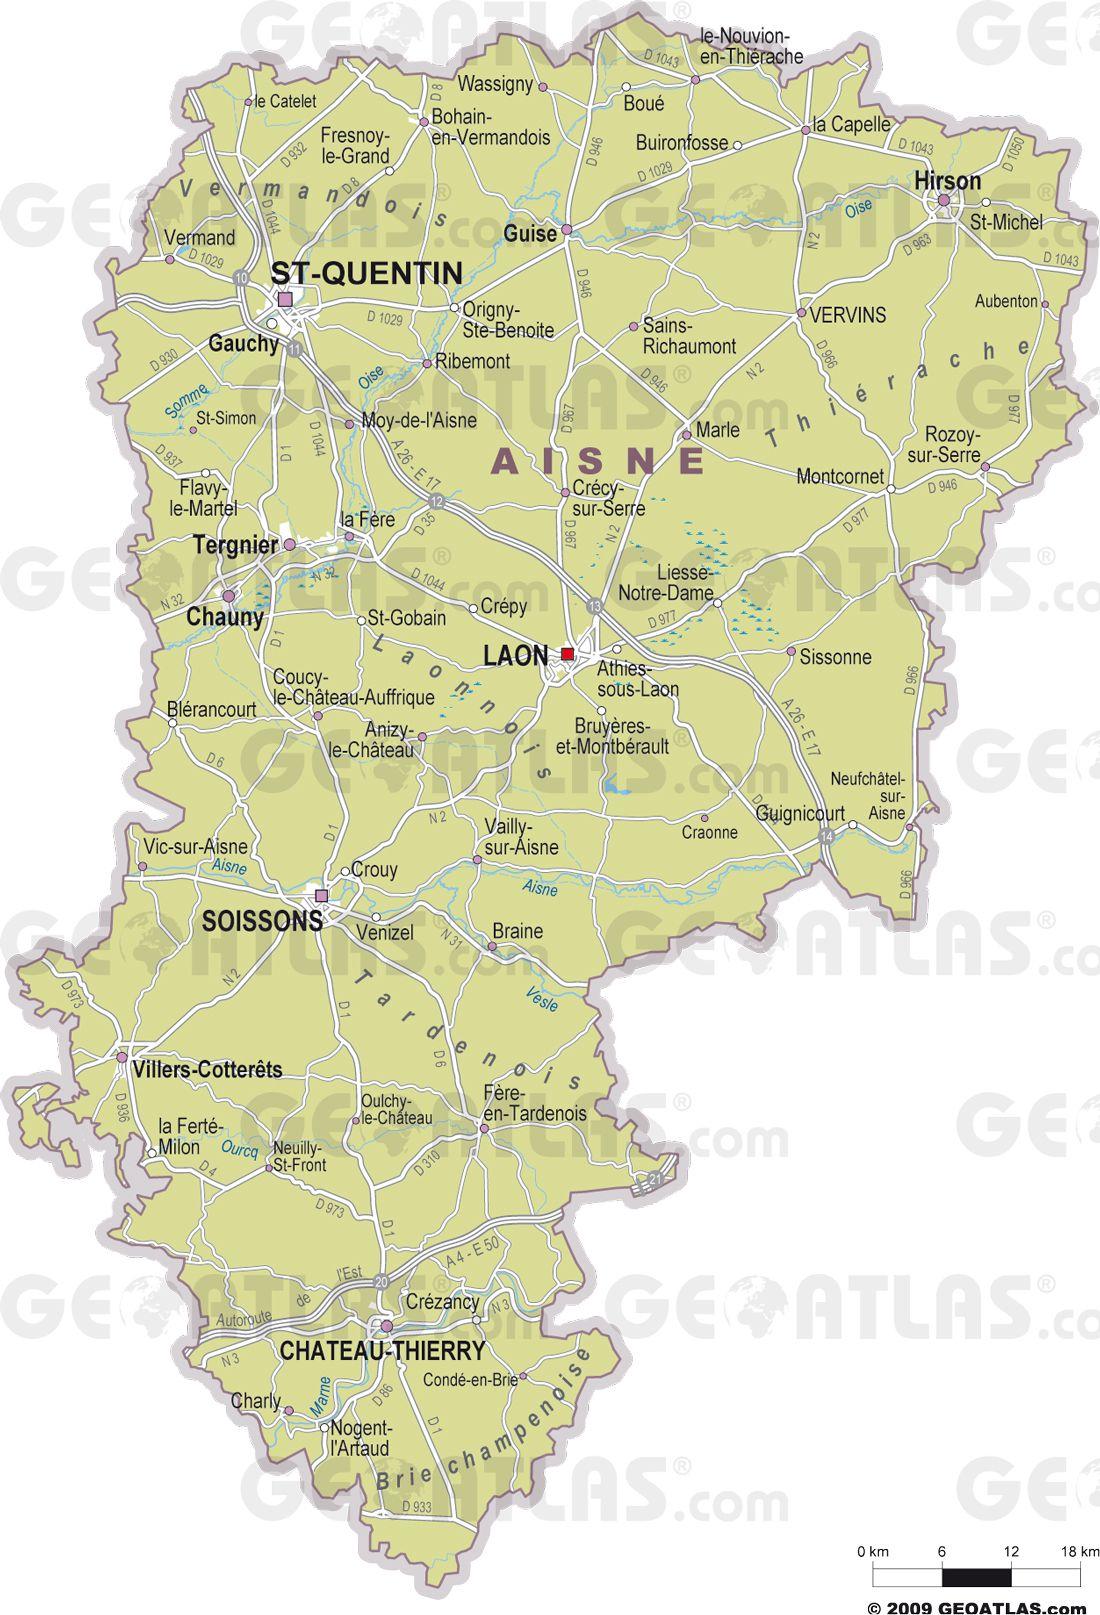 Carte des villes de l'Aisne